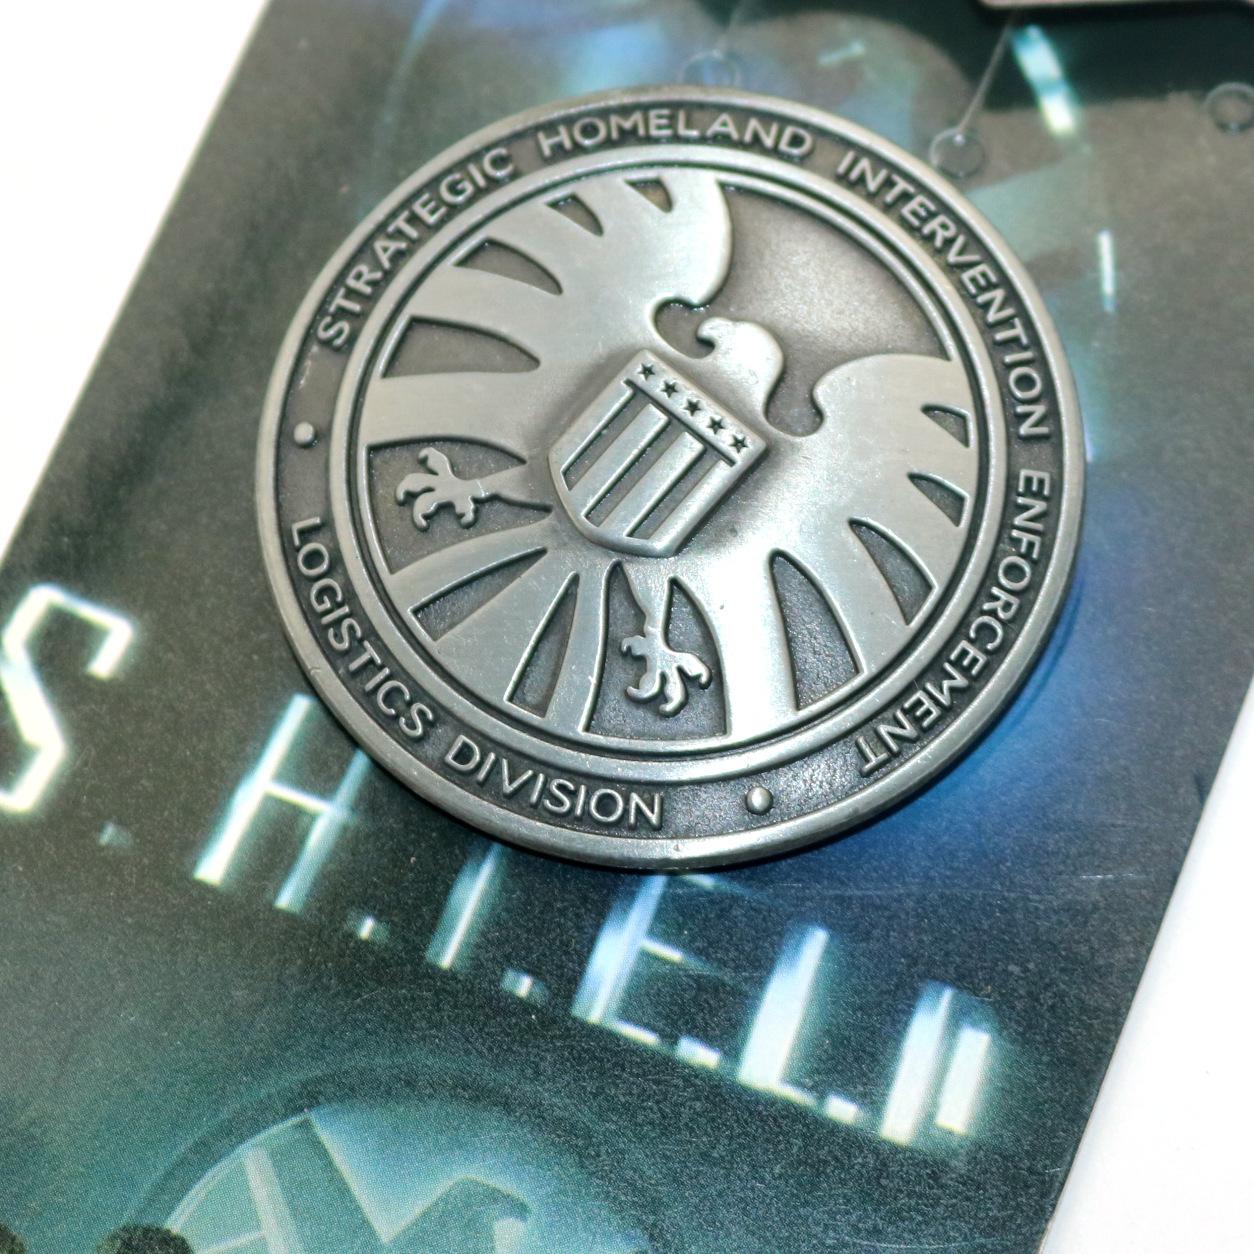 胸针电影超级英雄神盾局合金徽章钢铁侠美国队长哈利波特